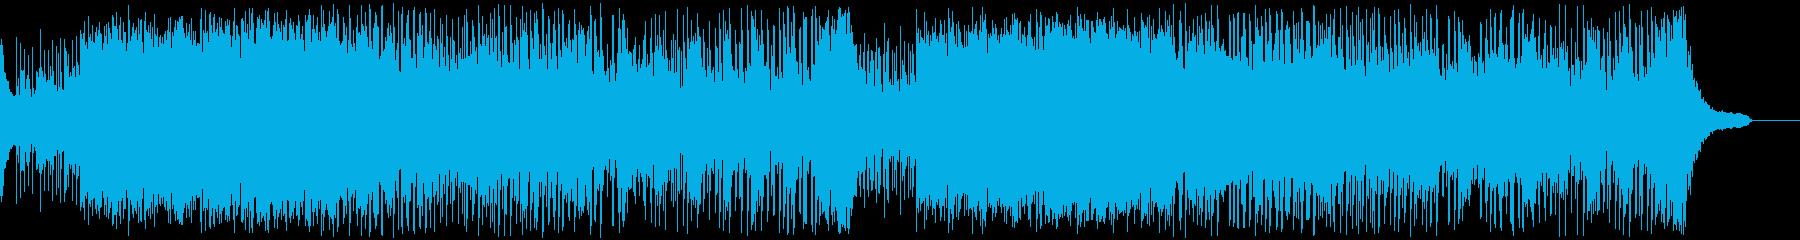 ドラキュラ退治の曲の再生済みの波形